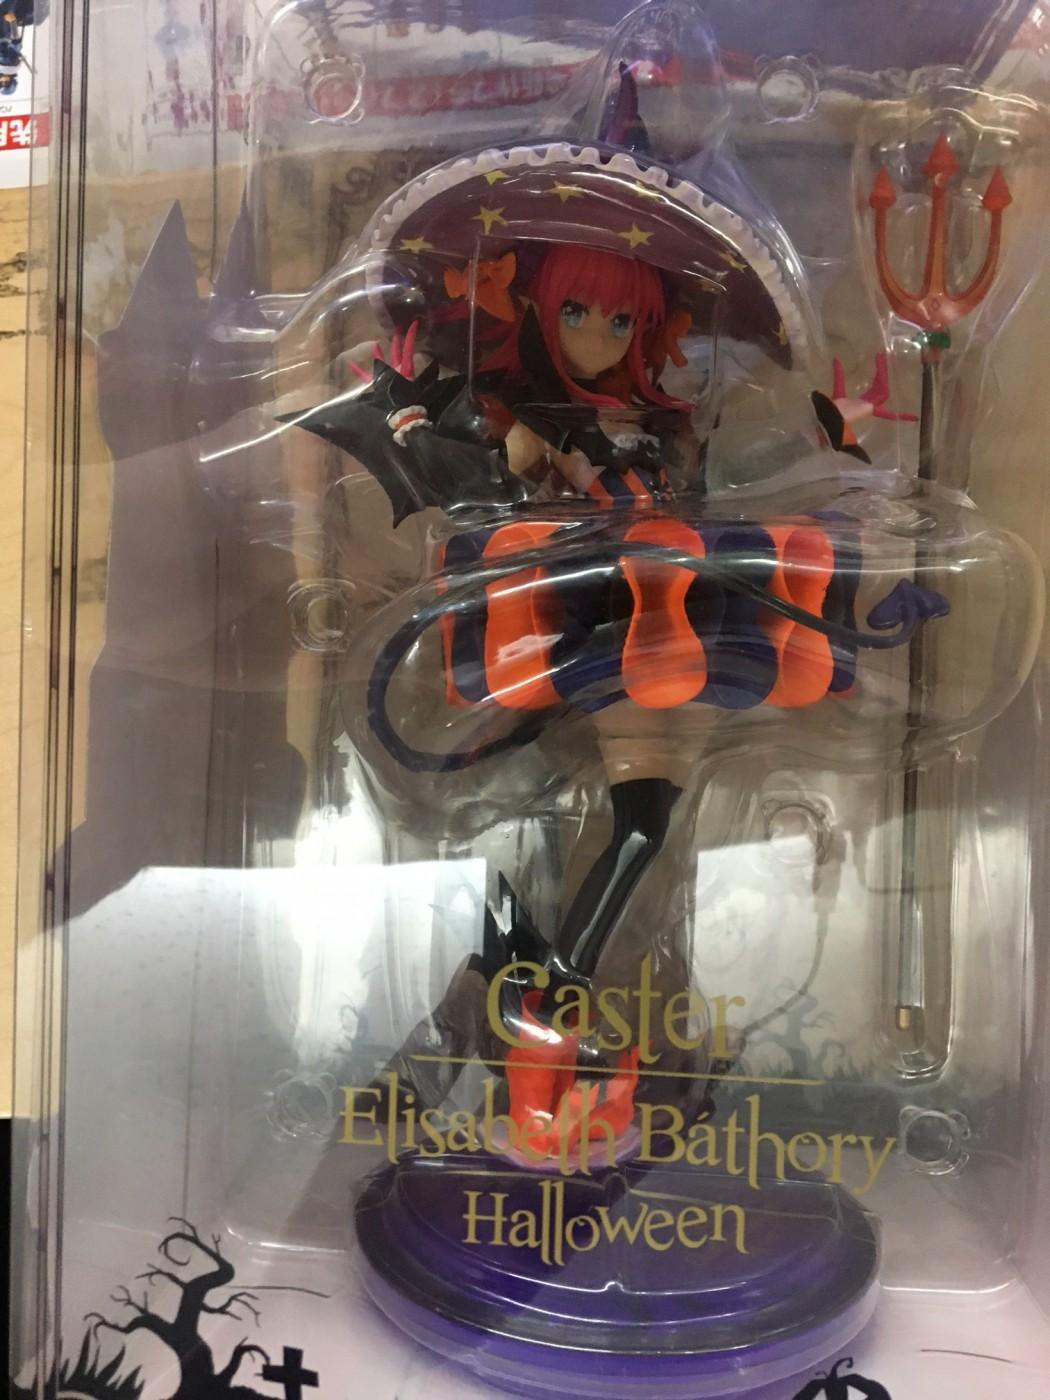 買取情報『 FLAREのキャスター/エリザベートバートリーフィギュア【ハロウィン】Fate/GrandOrder』